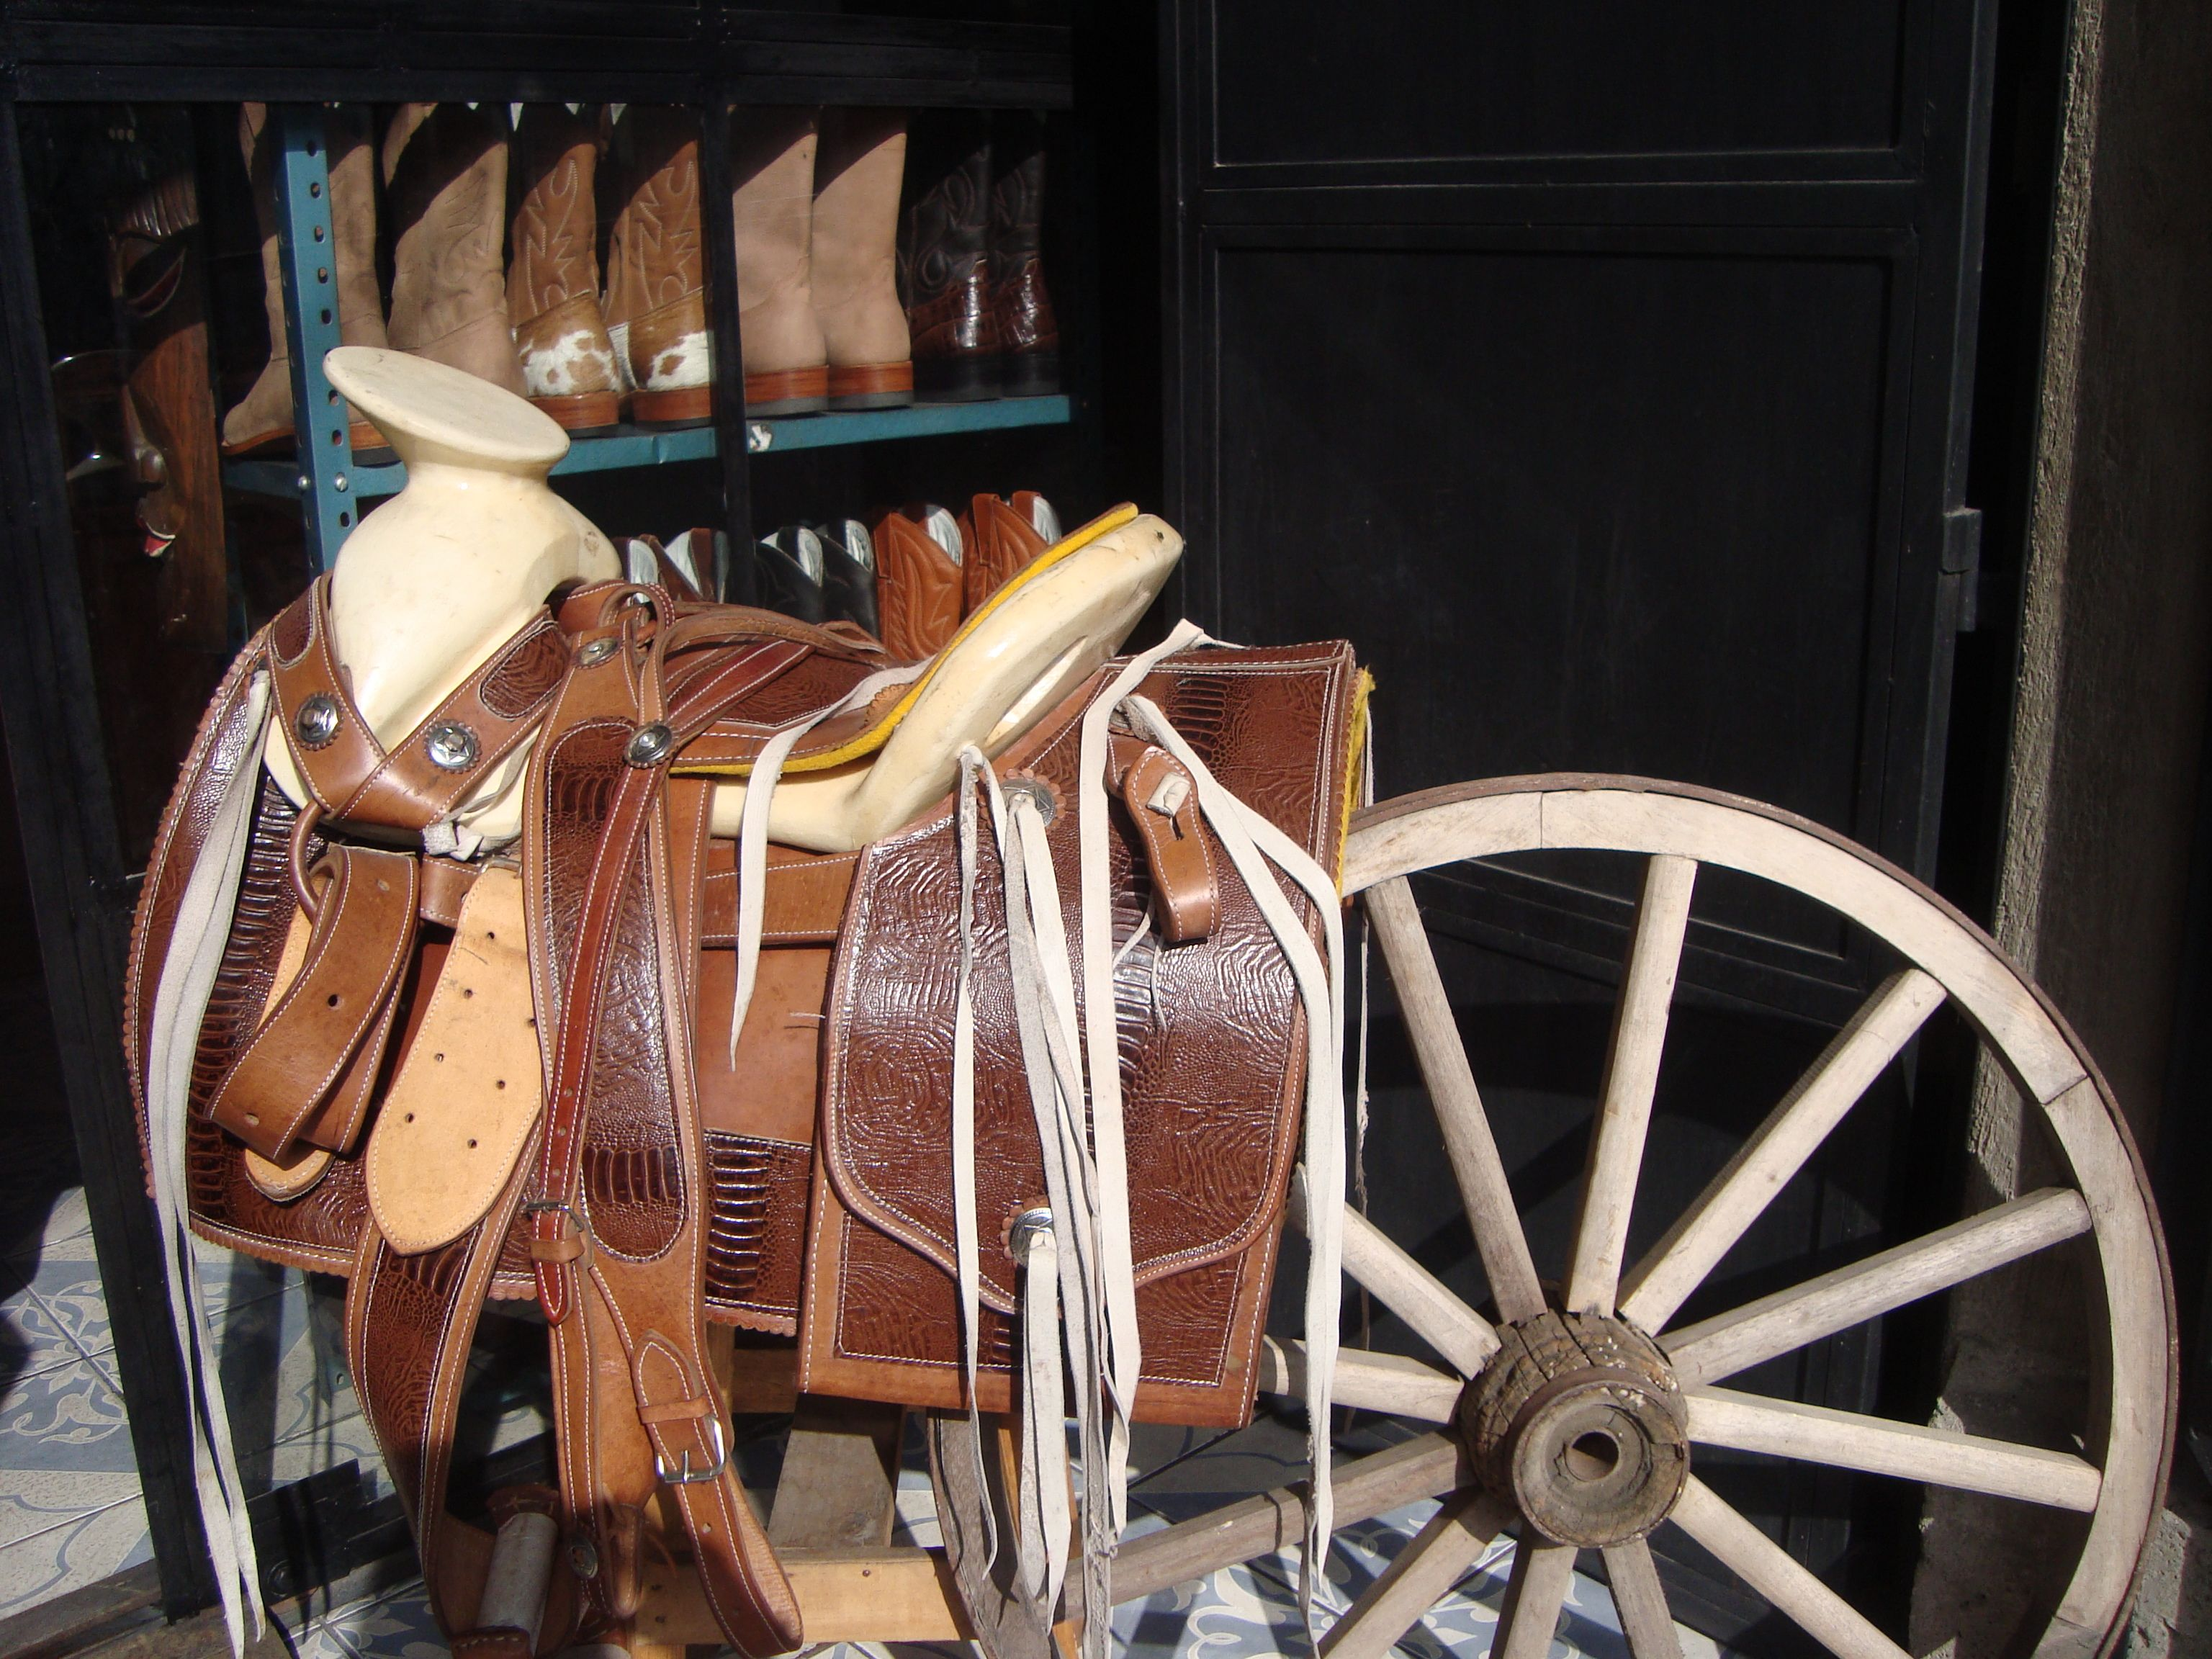 Sillas de montar chaparreras cowboys pinterest sillas de montar sillas y frenillo - Silla montar caballo ...